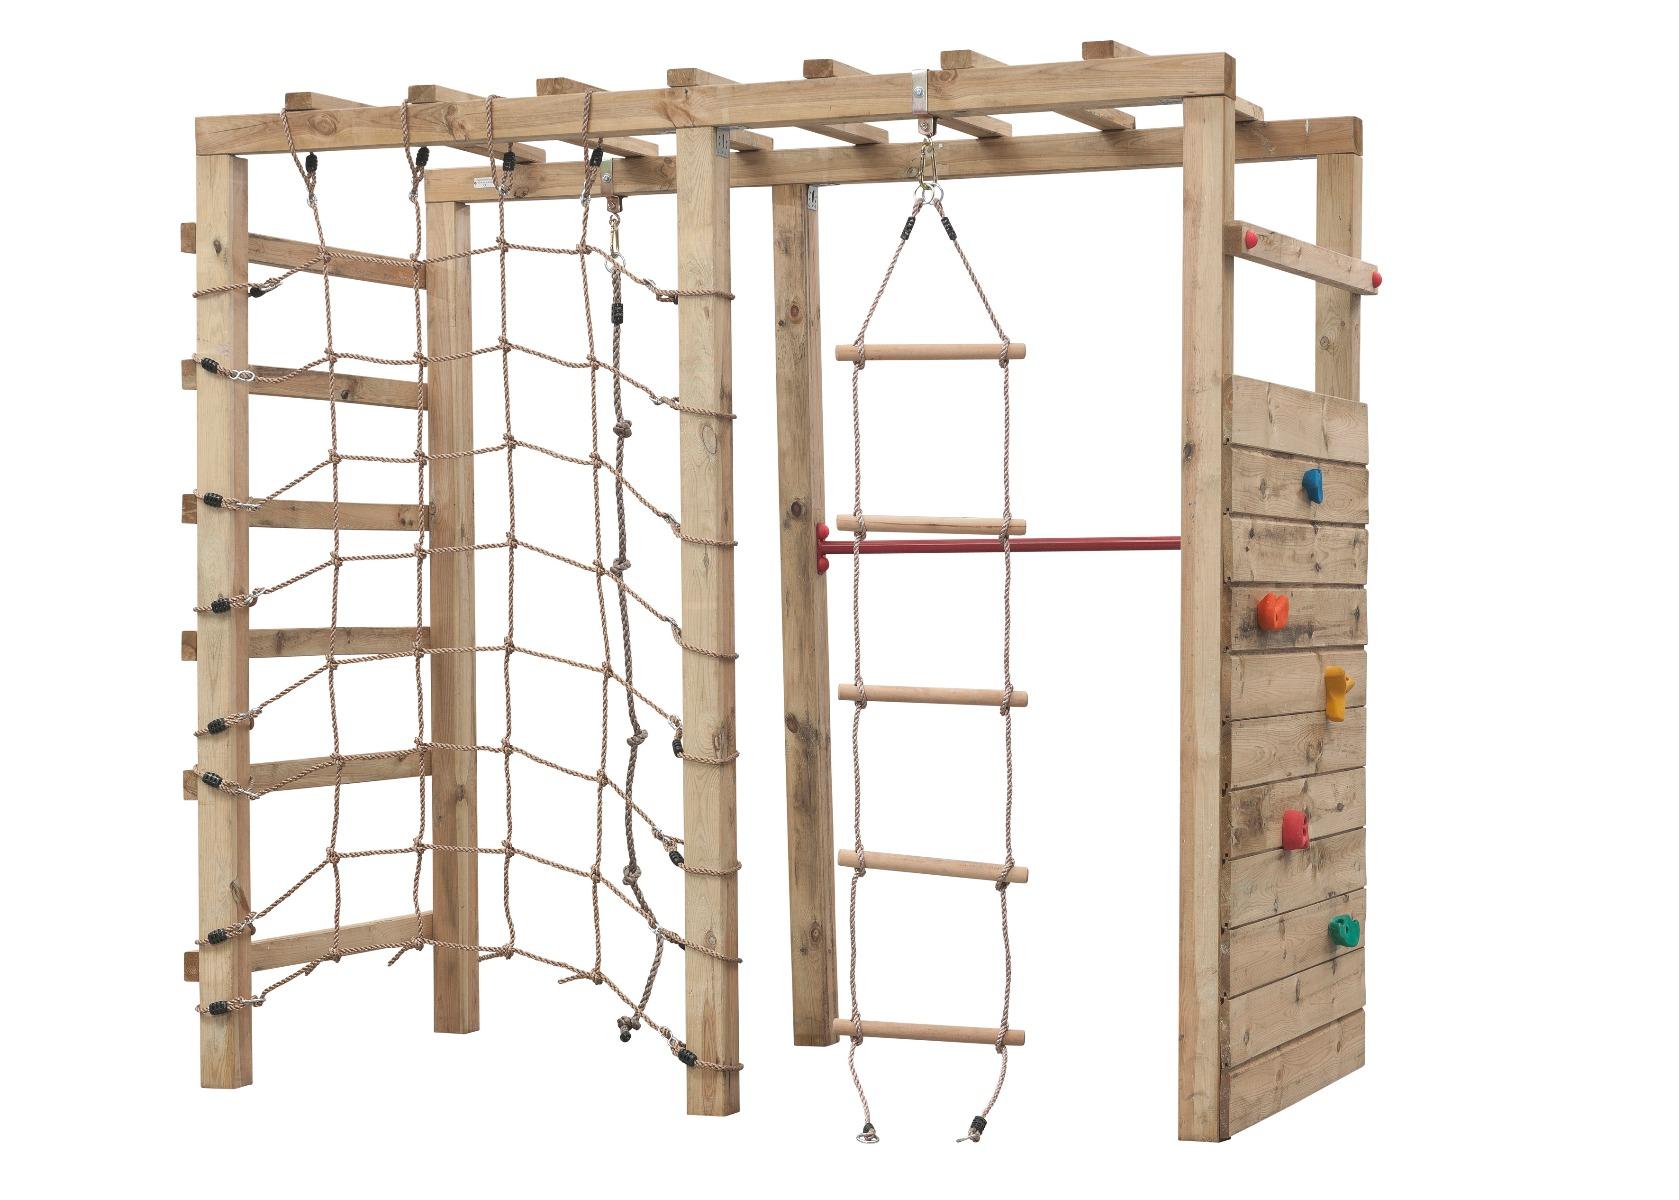 Houten speeltoestel klimtoren King Kong 240x120x220cm